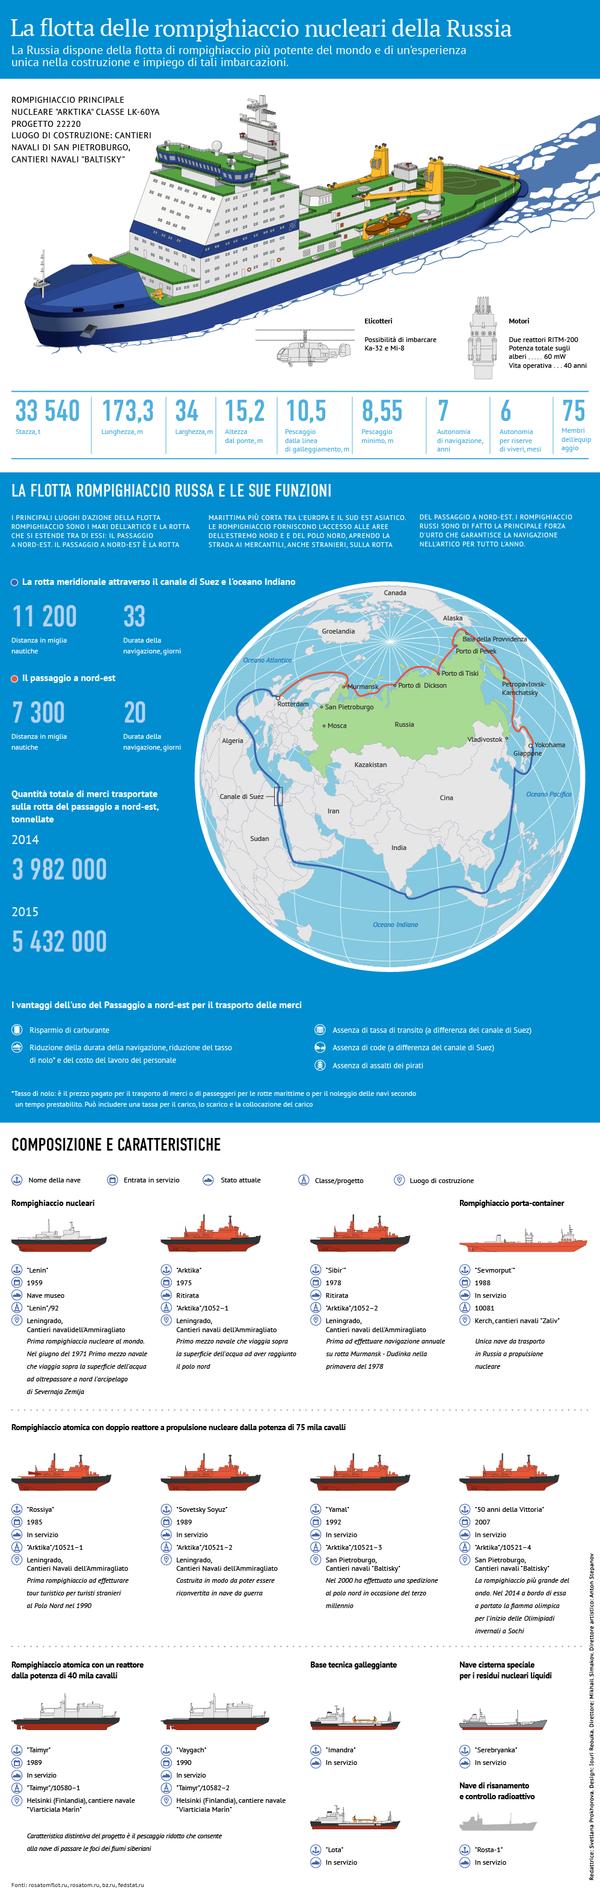 Rompighiaccio nucleari della Russia - Sputnik Italia